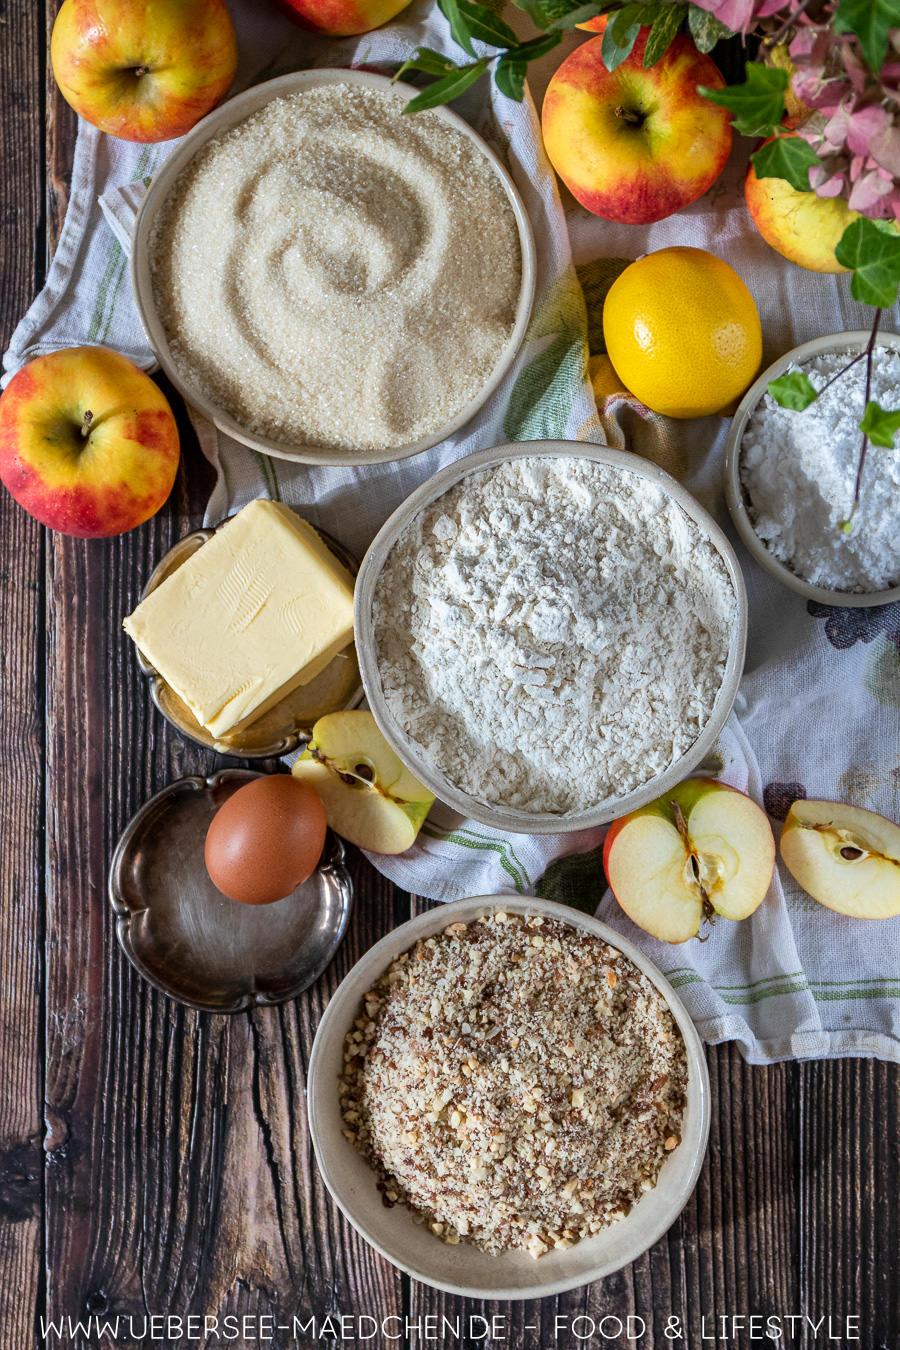 Zutaten für gedeckten Apfelkuchen mit Mürbeteig